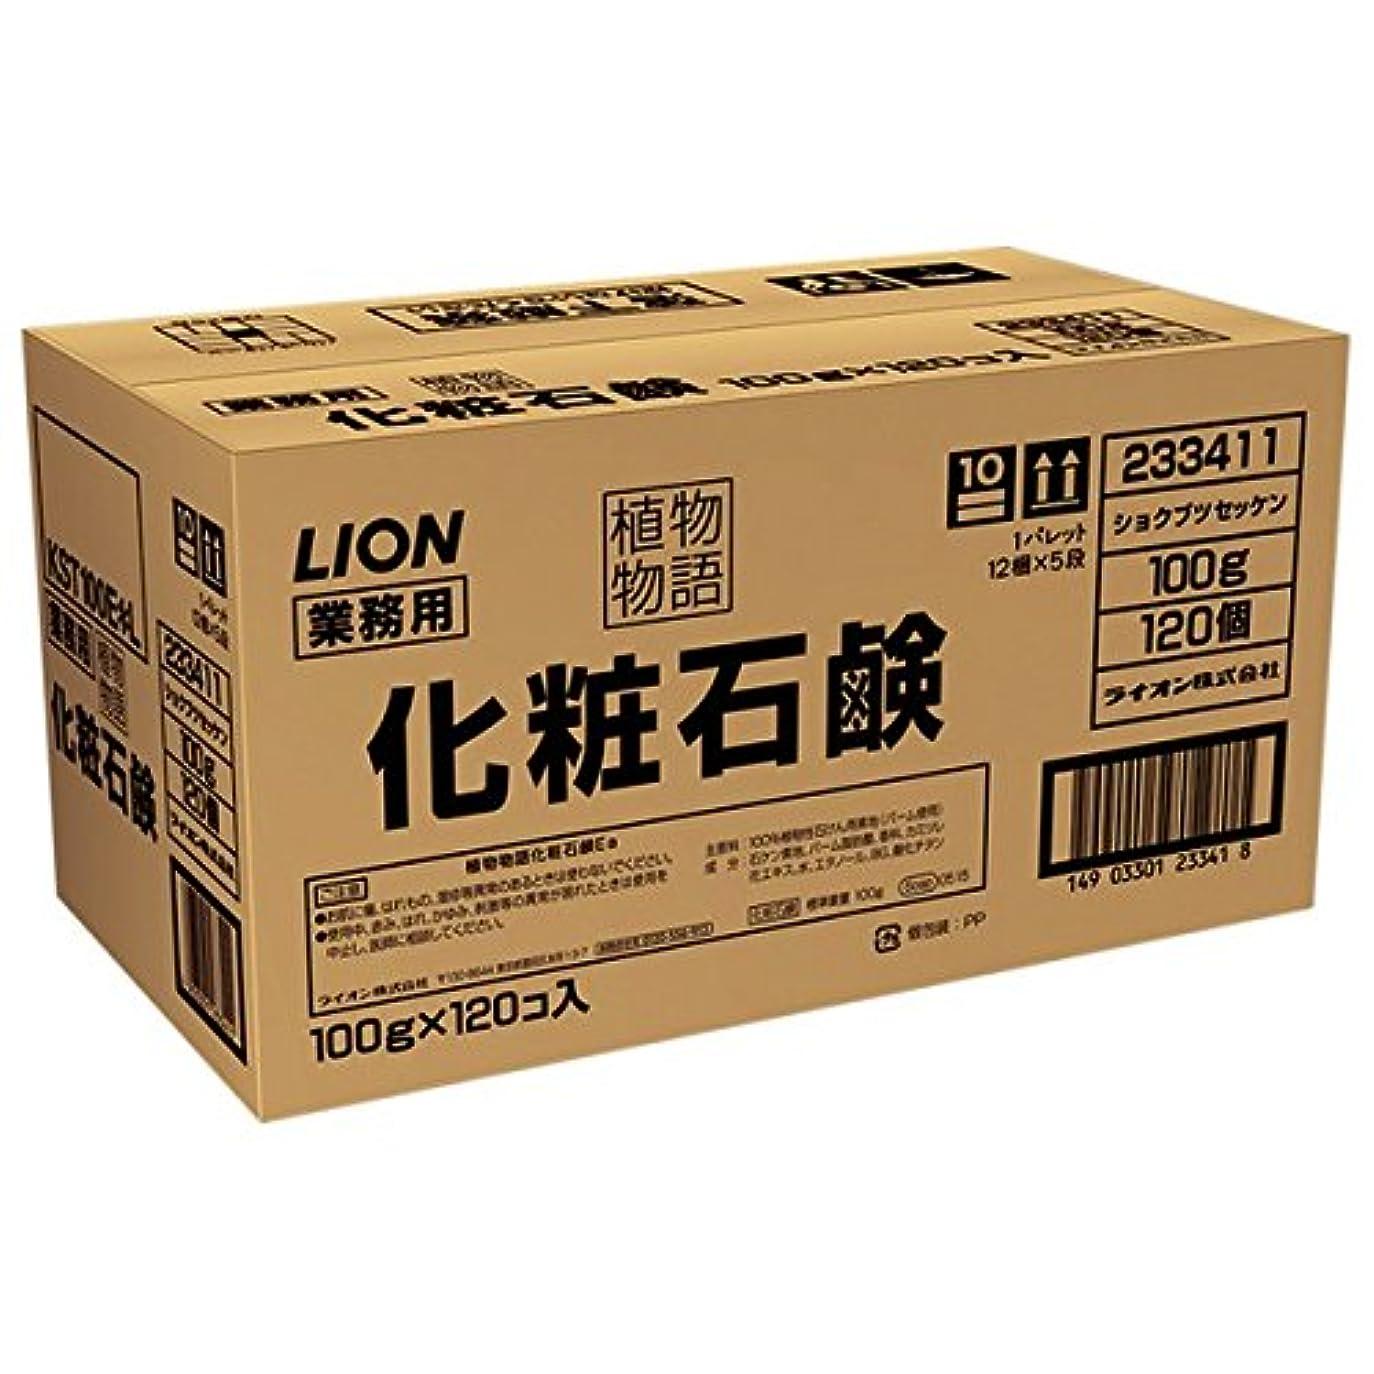 ペンス国民投票局ライオン 植物物語 化粧石鹸 業務用 100g 1箱(120個)